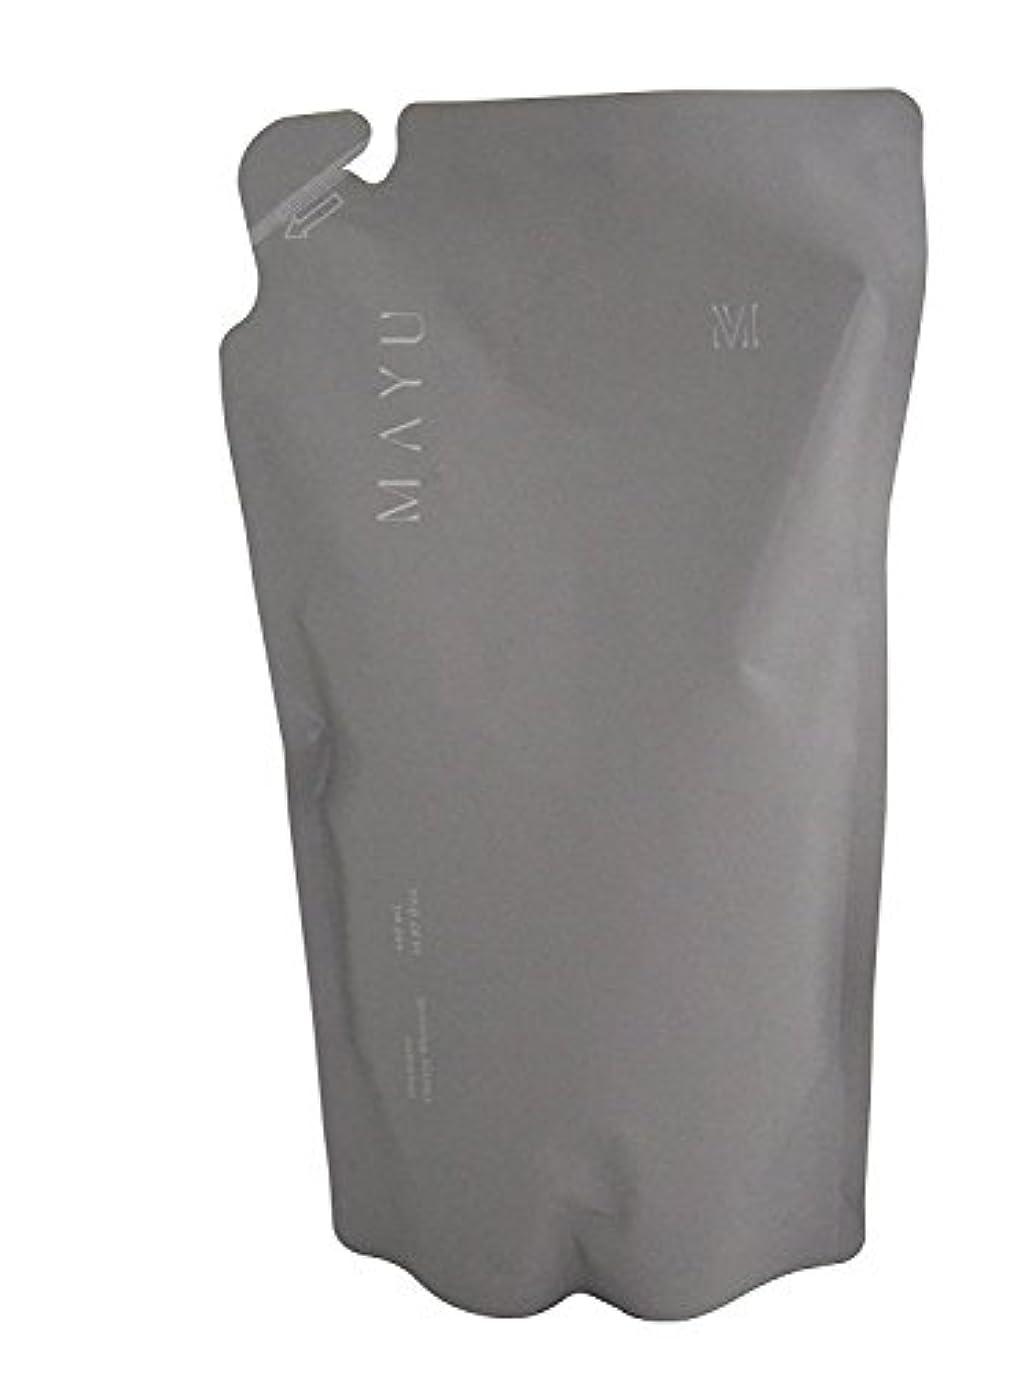 同化シネマスライム【365Plus】 MAYU さくらの香りシャンプー リフィル(440ml) 1本入り